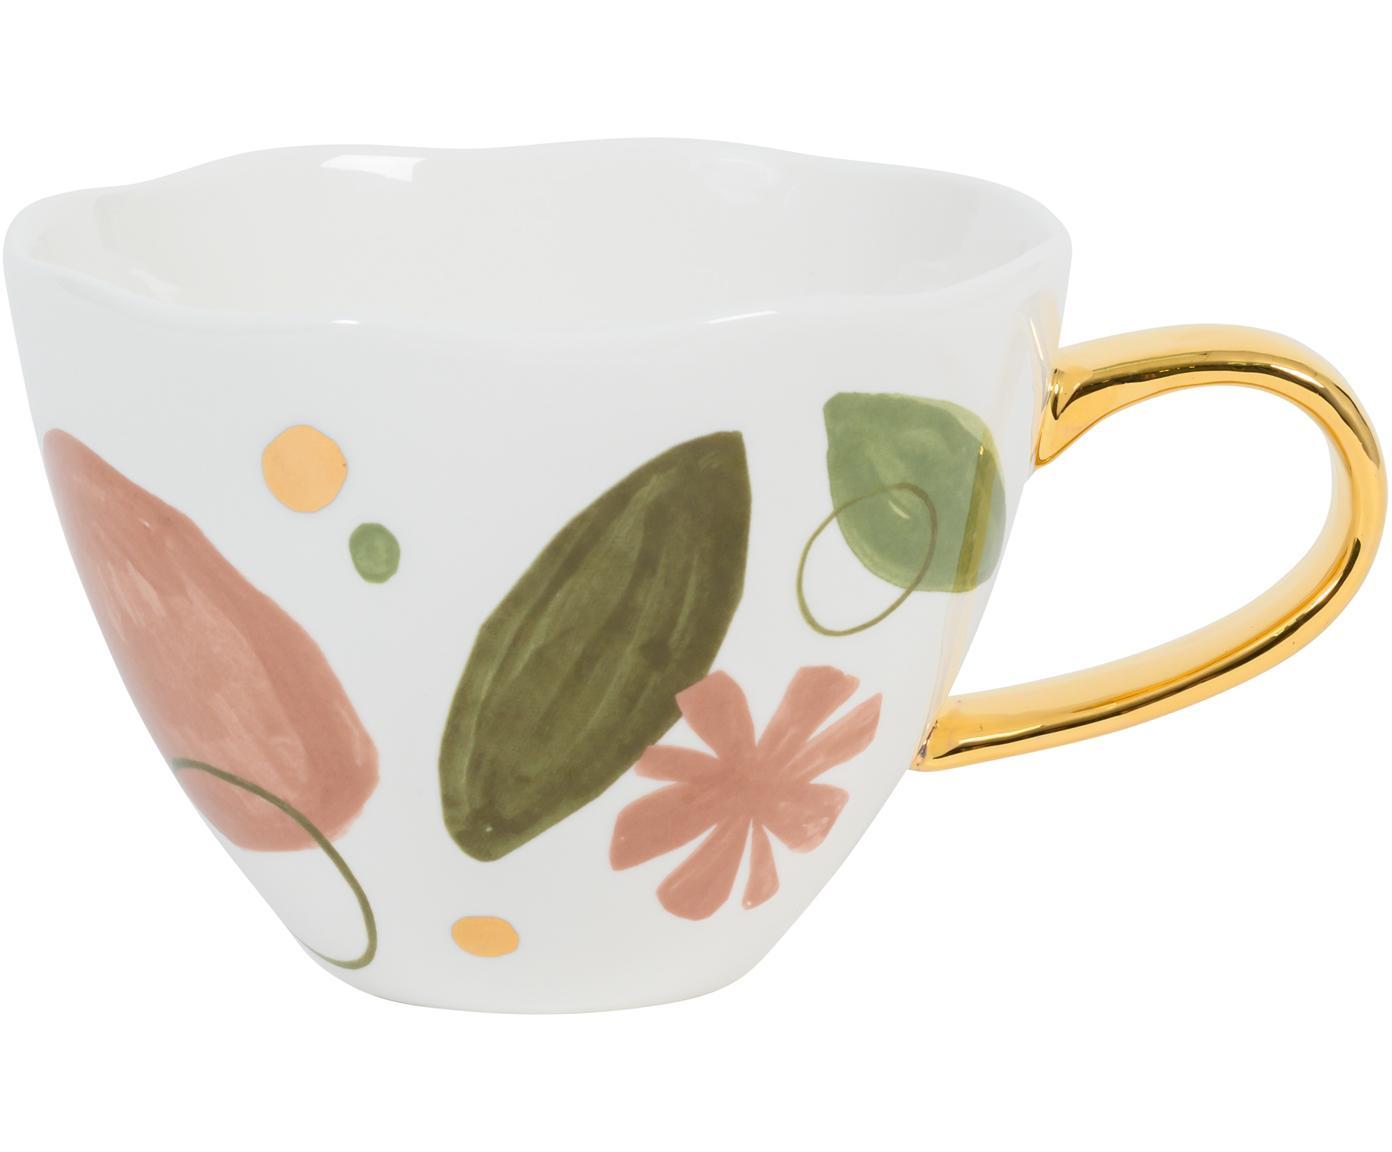 Taza de café Expressive, Porcelana New Bone, Blanco, rosa, verde, dorado, Ø 11 x Al 9 cm